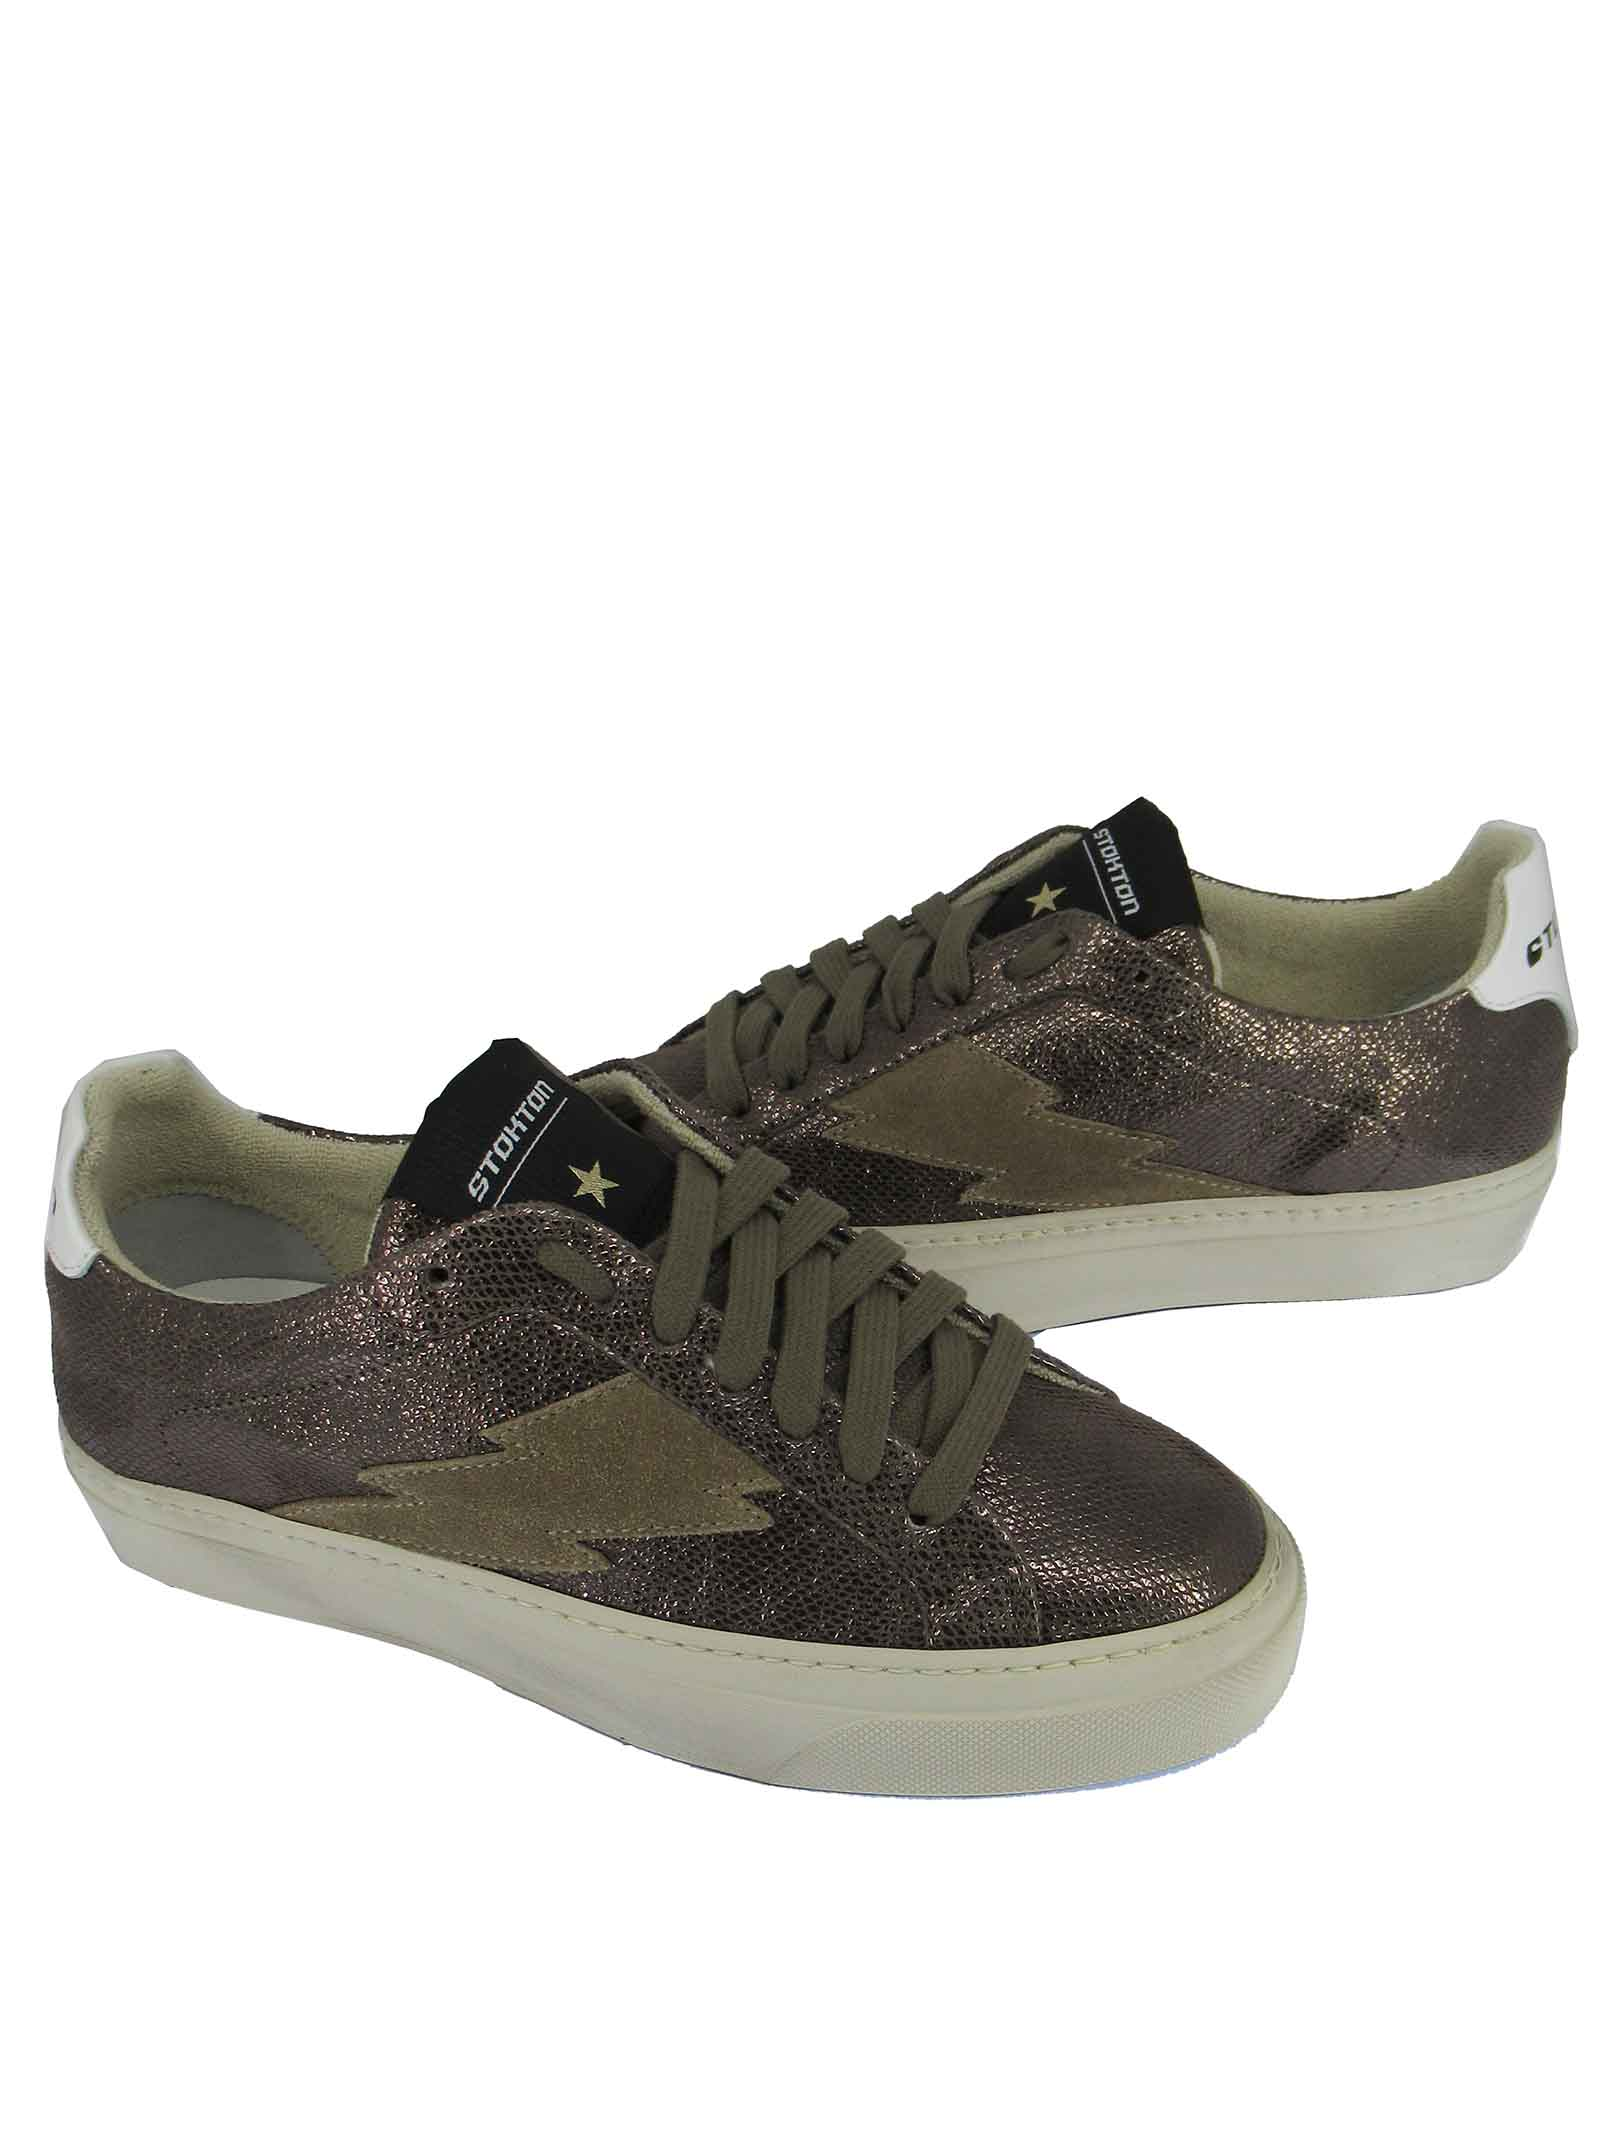 Calzature Donna Sneakers Stringate in Pelle Laminata Canna di Fucile con Fondo in Gomma Stokton | Sneakers | BLAZE-DCALCUTTA